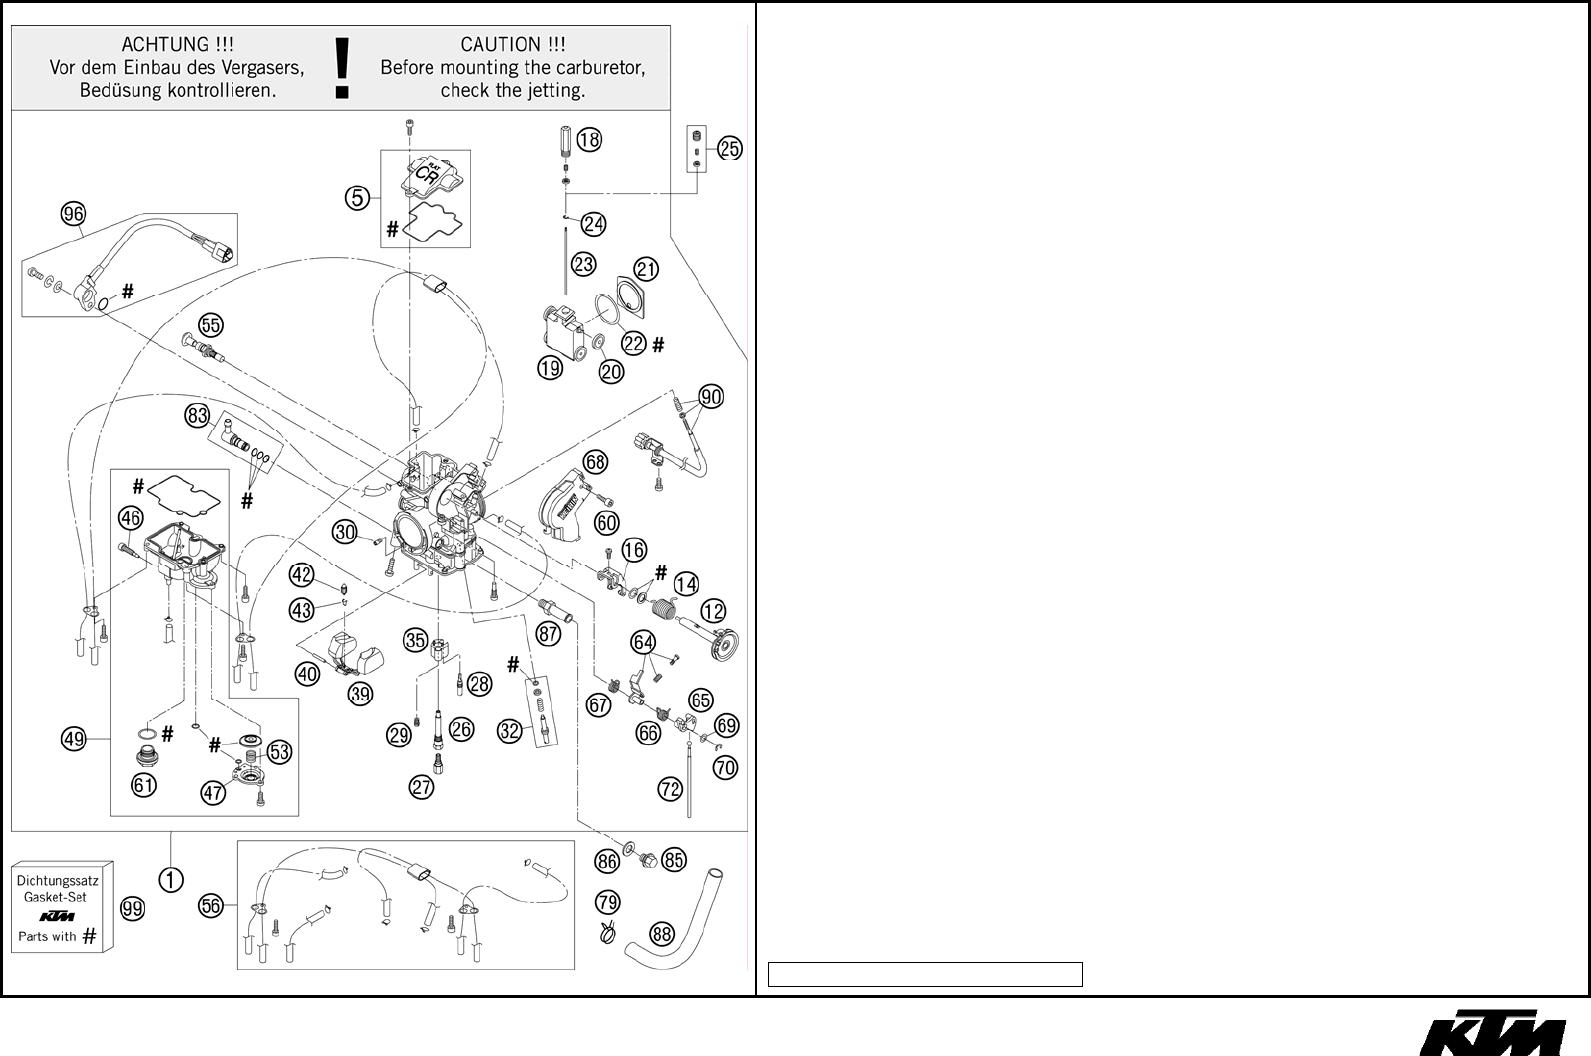 Ktm 525 Exc 2006 Users Manual 3CM089428EN_MOTOR_525_EXC_4T